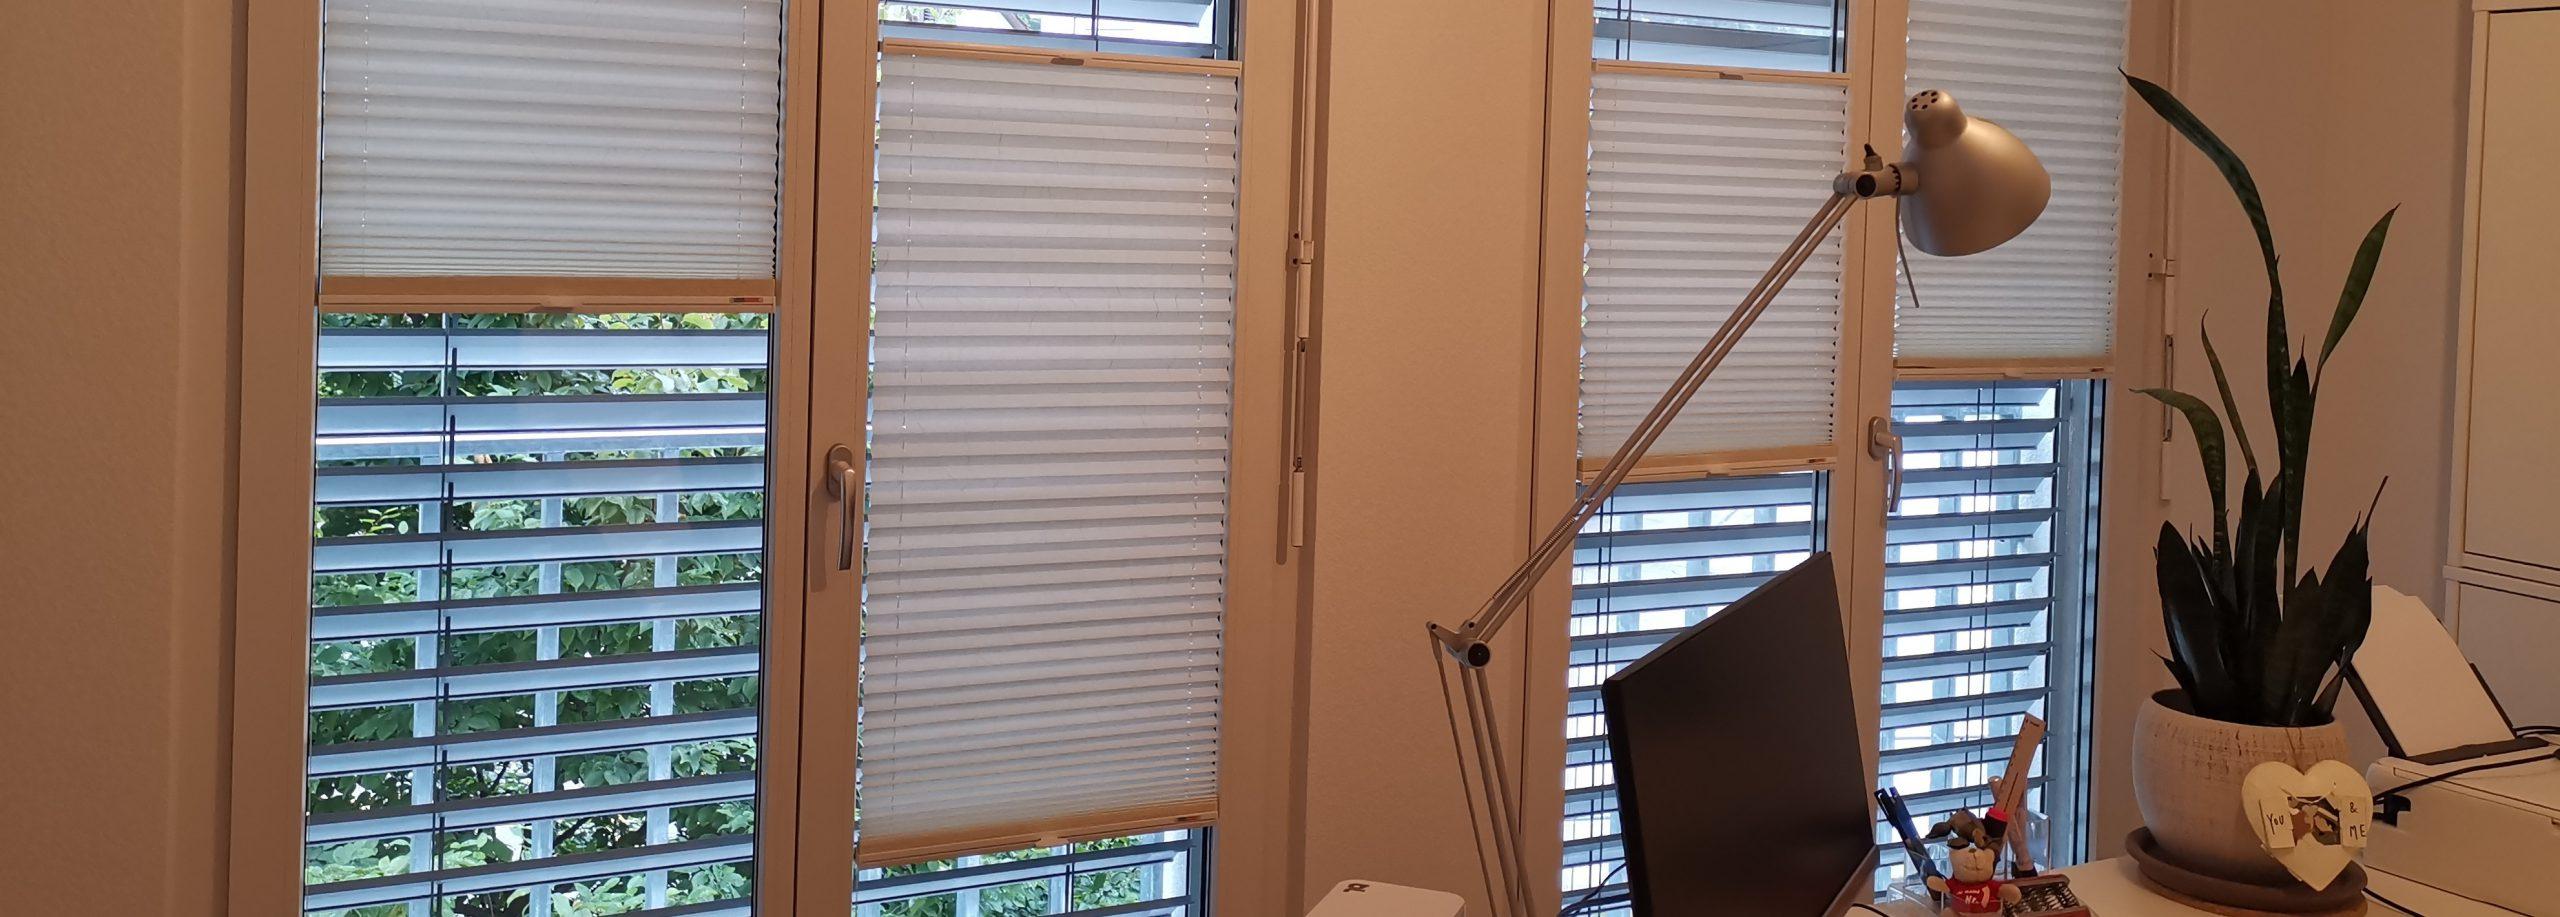 Plissee im Büro